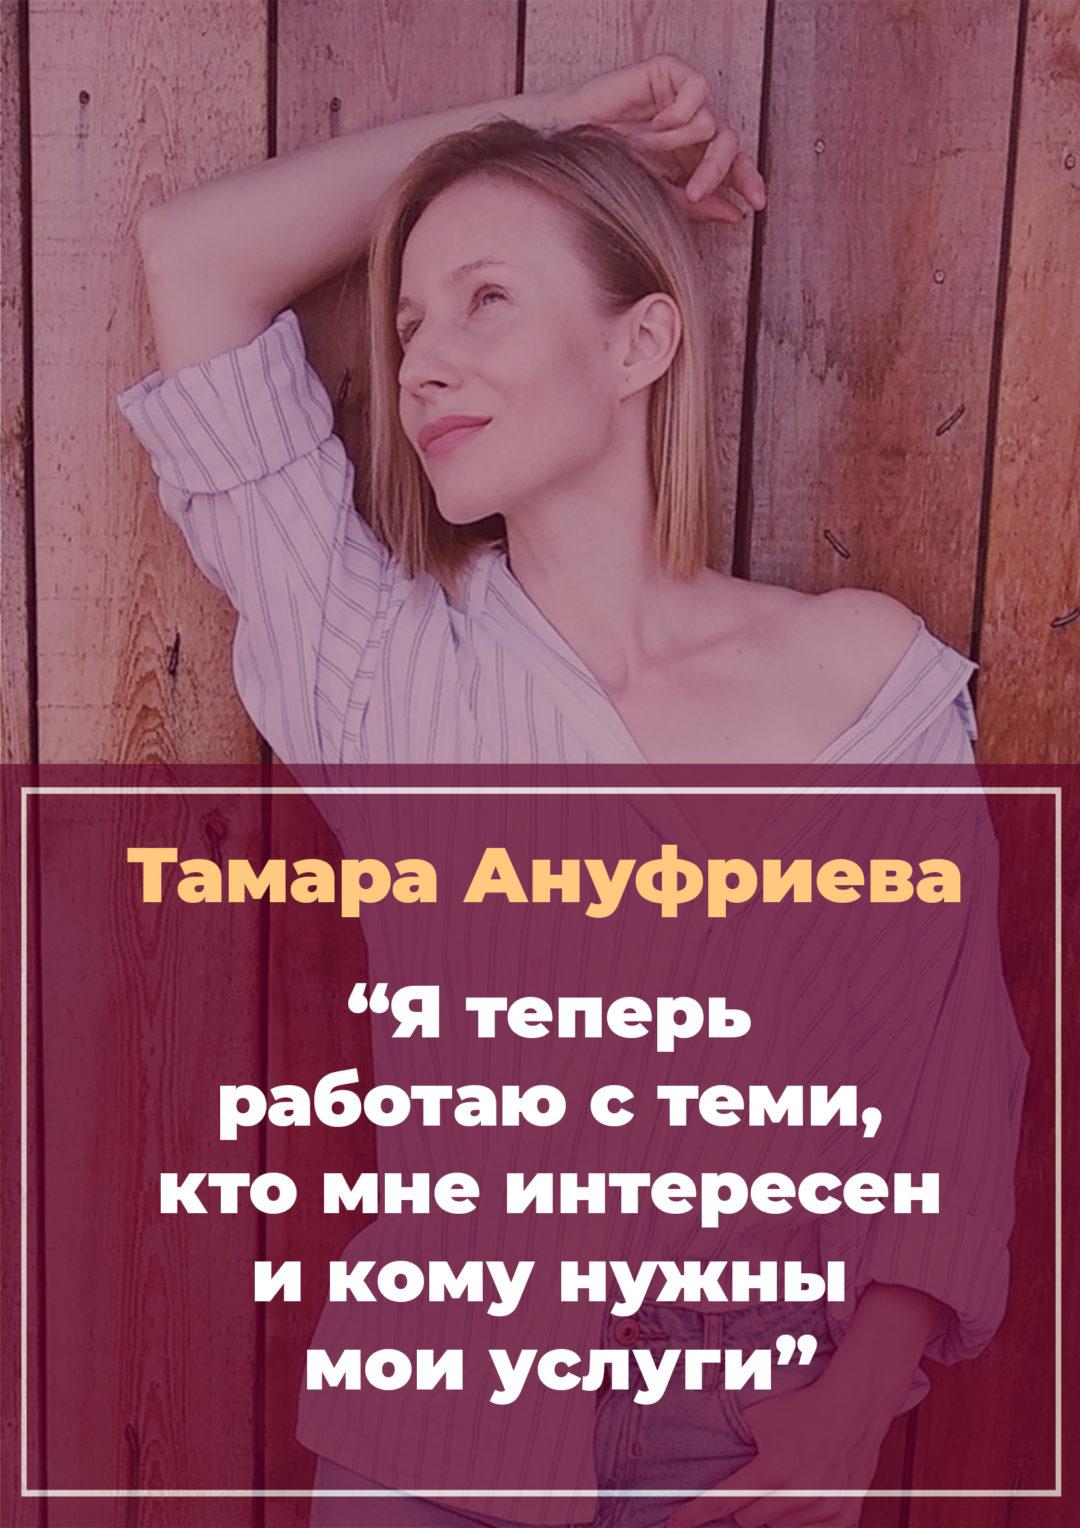 История Тамары Ануфриевой